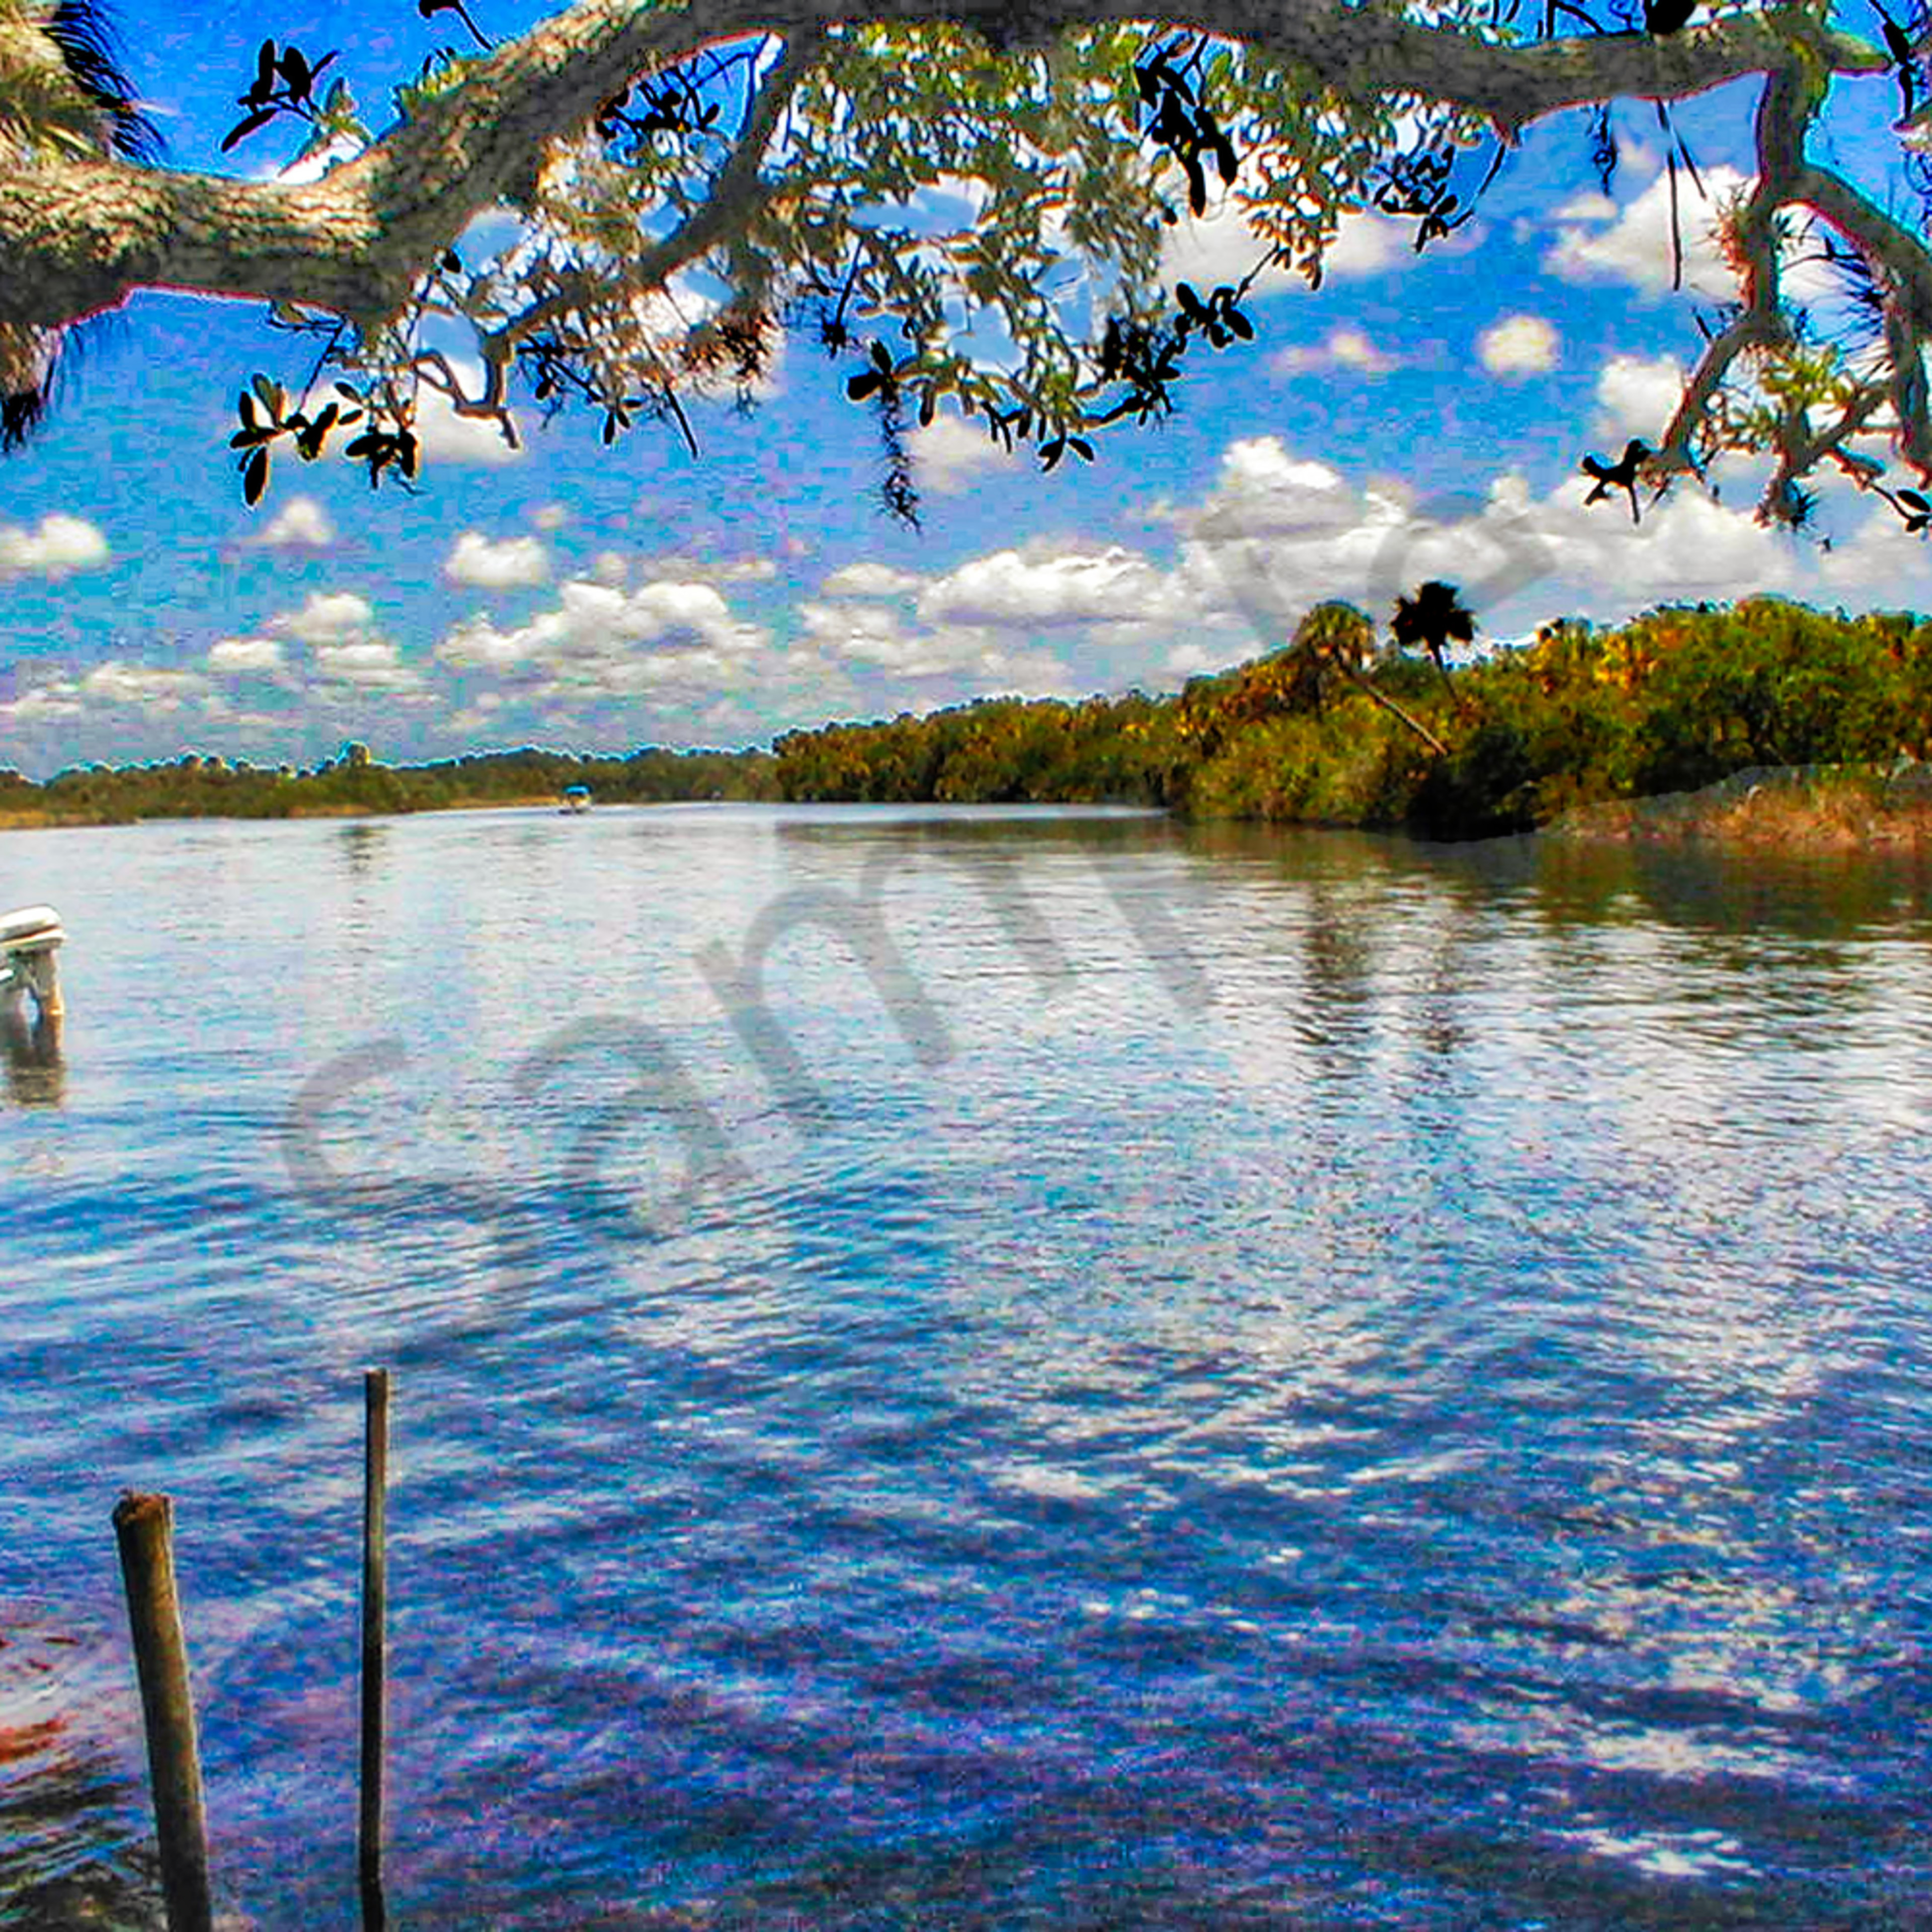 Myakka river zlajgx